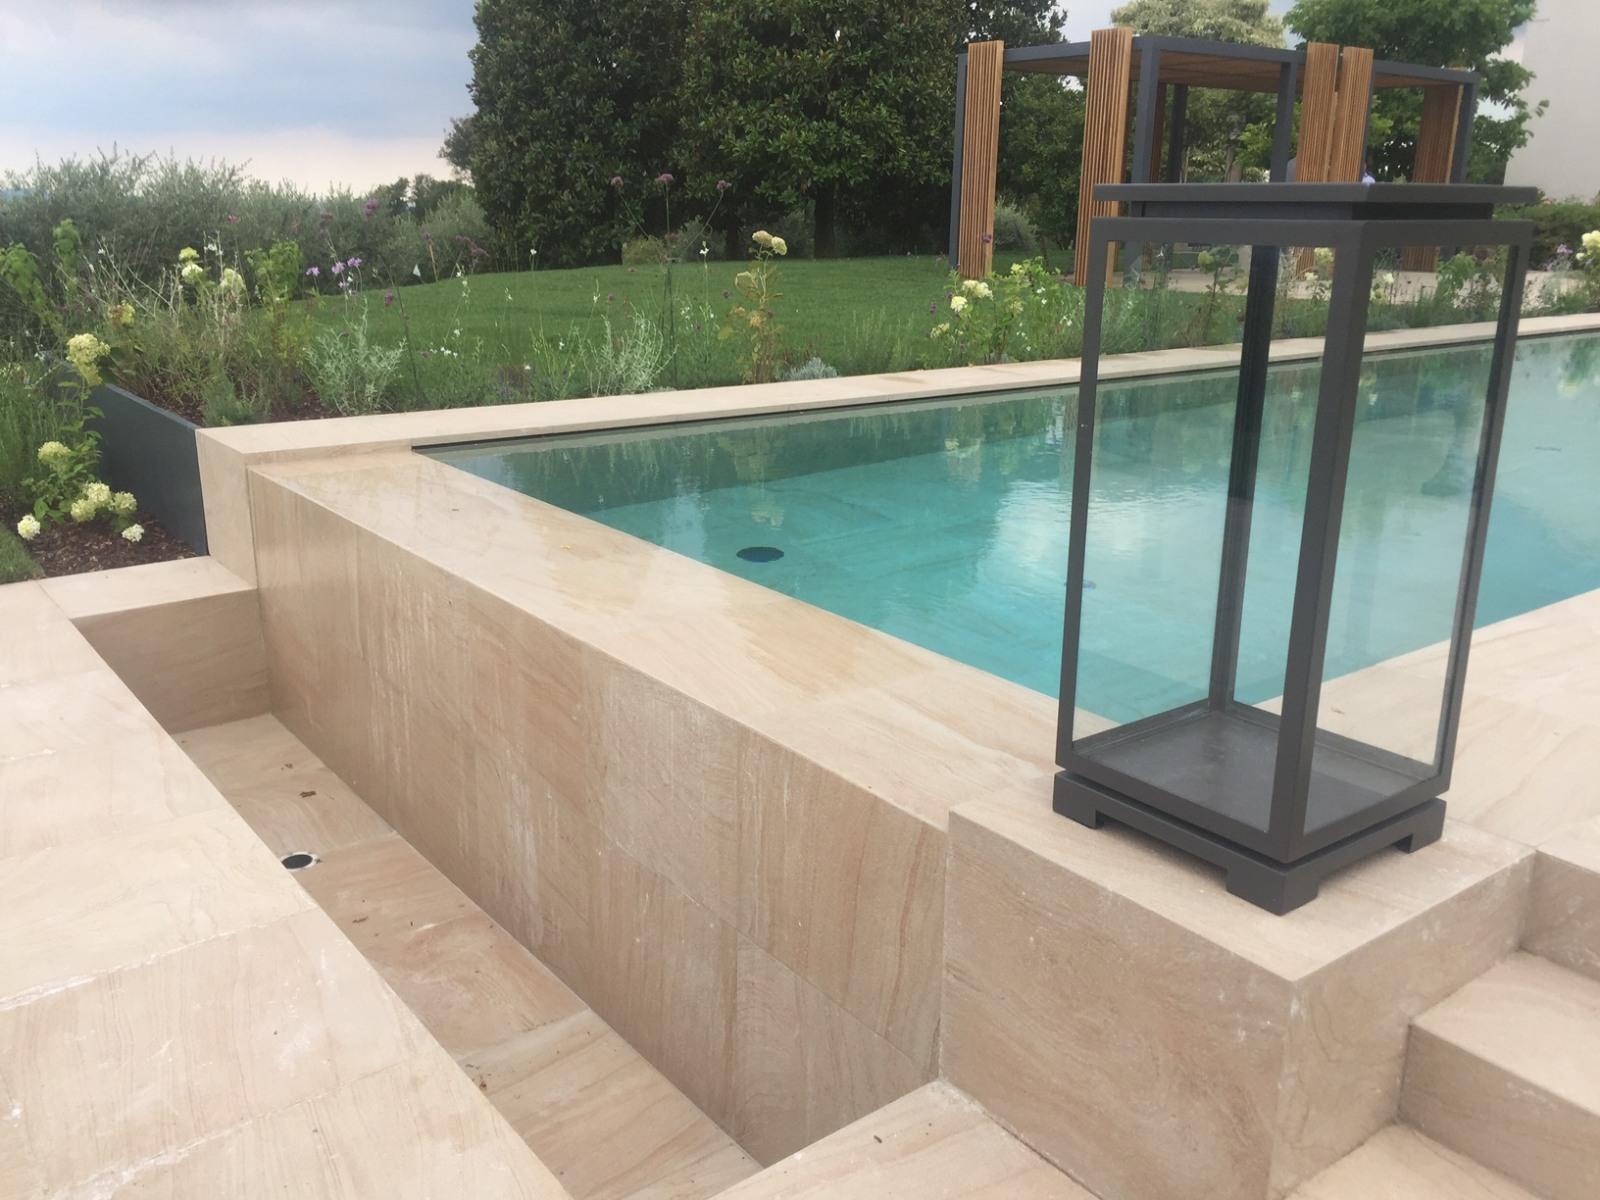 piscina-privata-montecchio-maggiore-vicenza-4